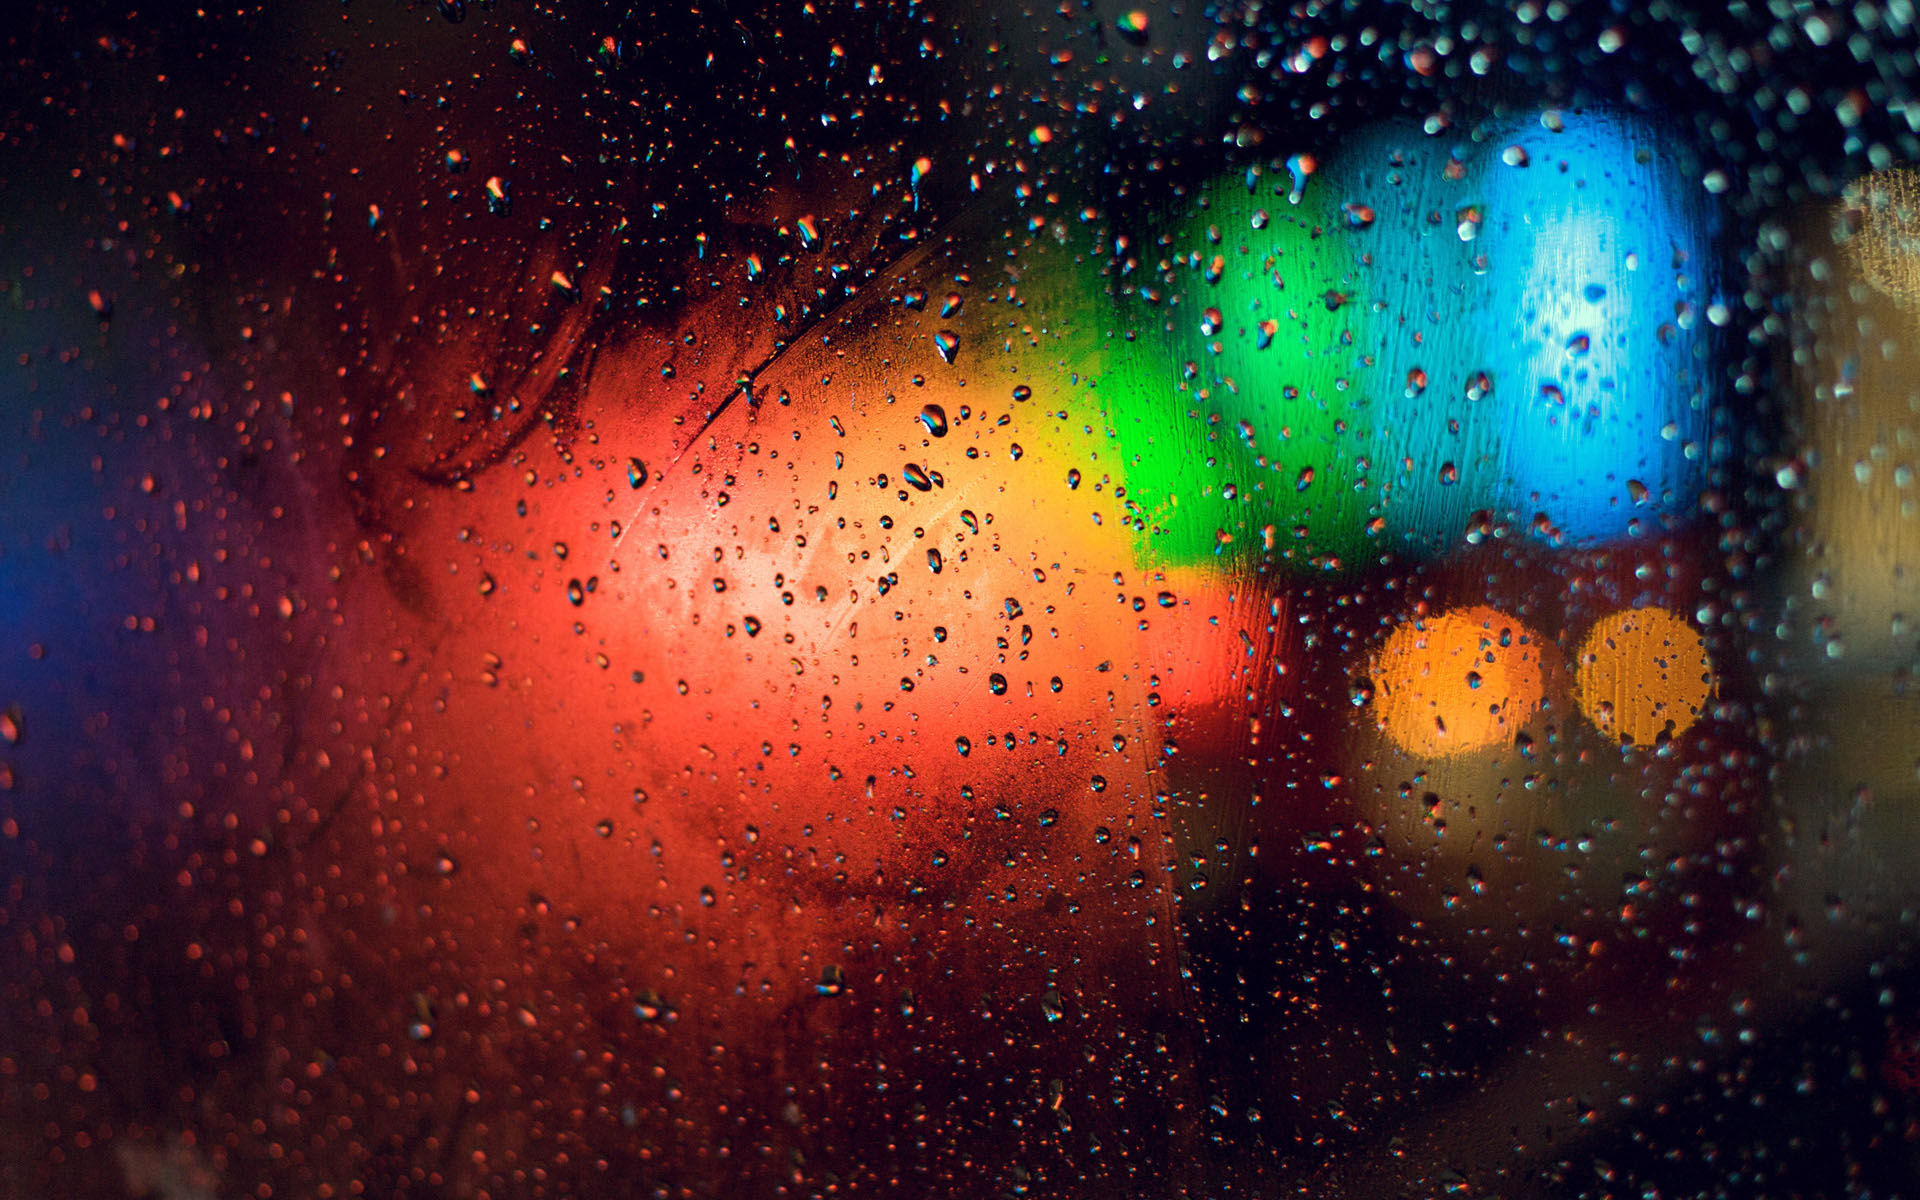 Картинки дождя для лд - d5667